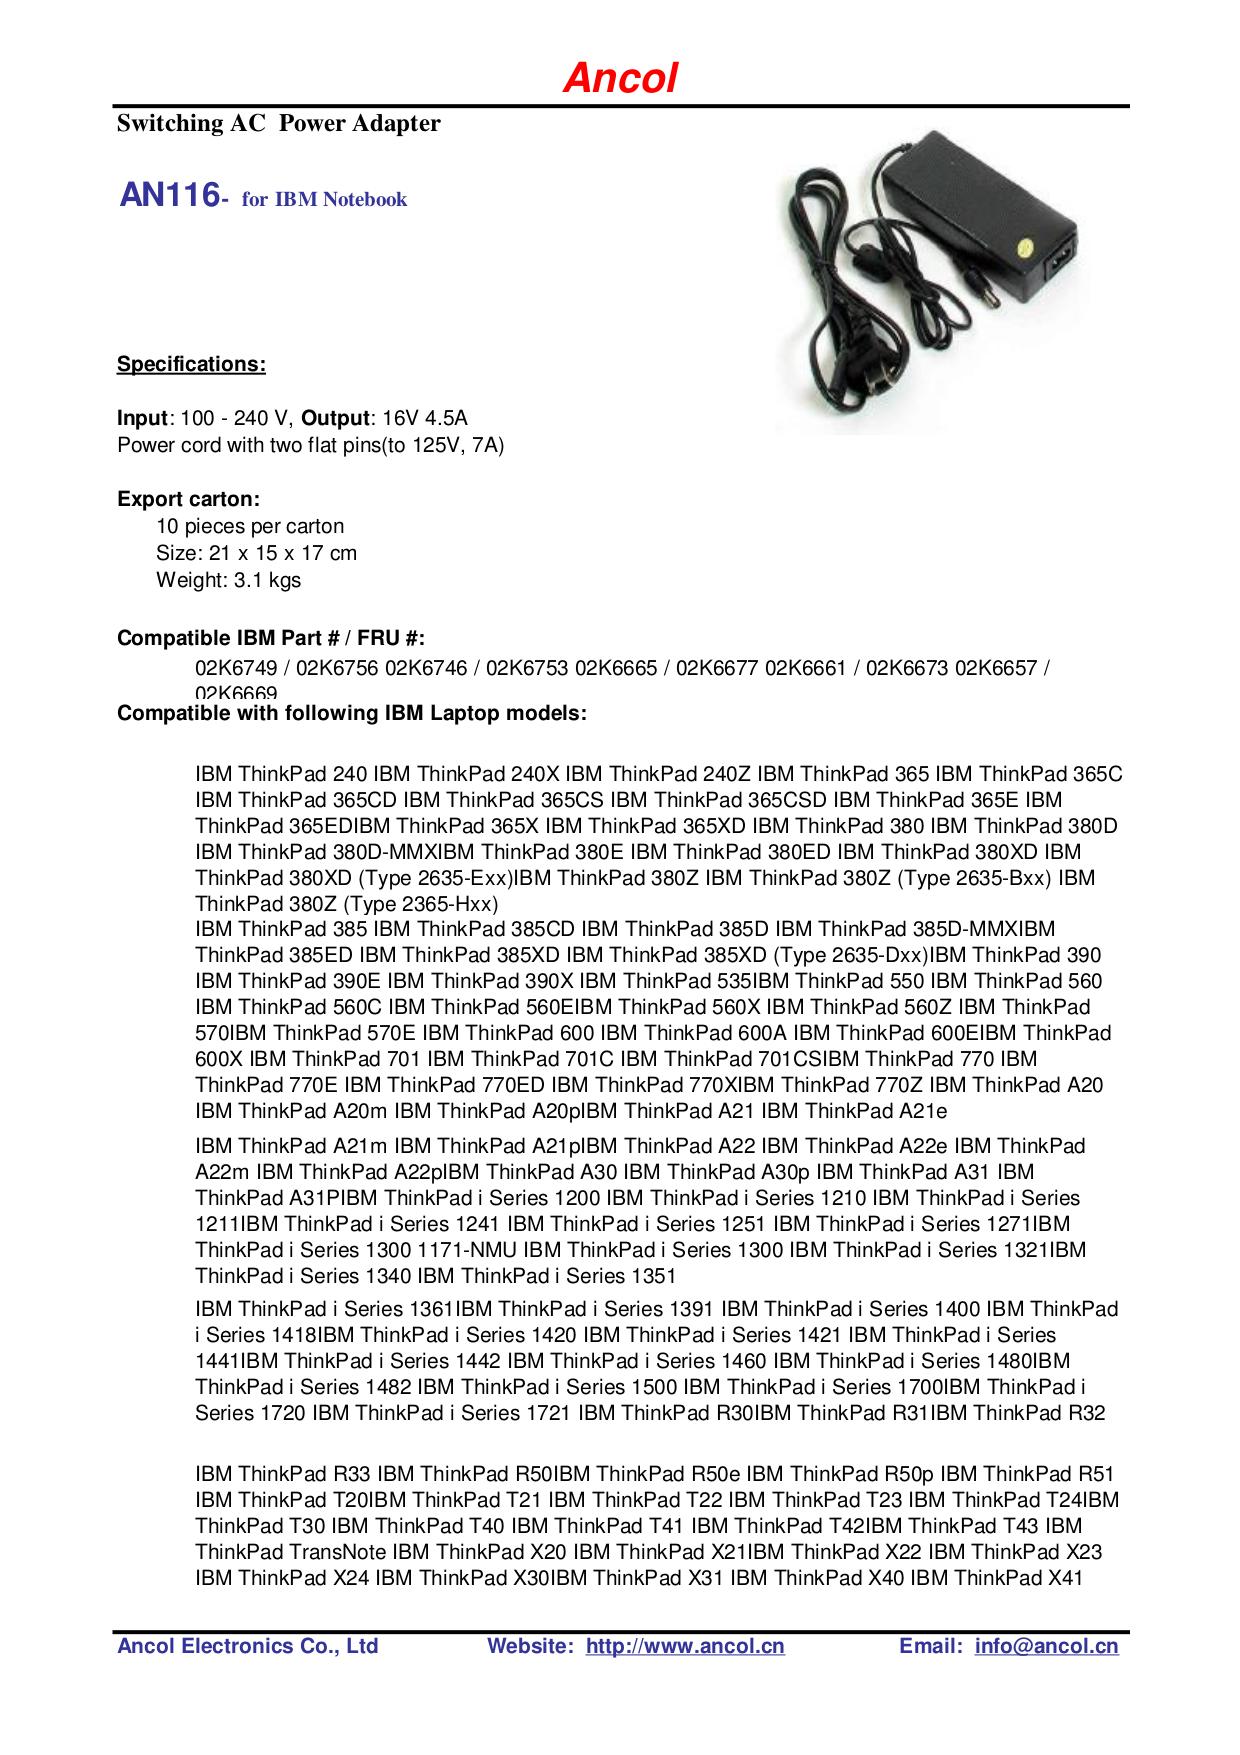 pdf for IBM Laptop ThinkPad T21 manual